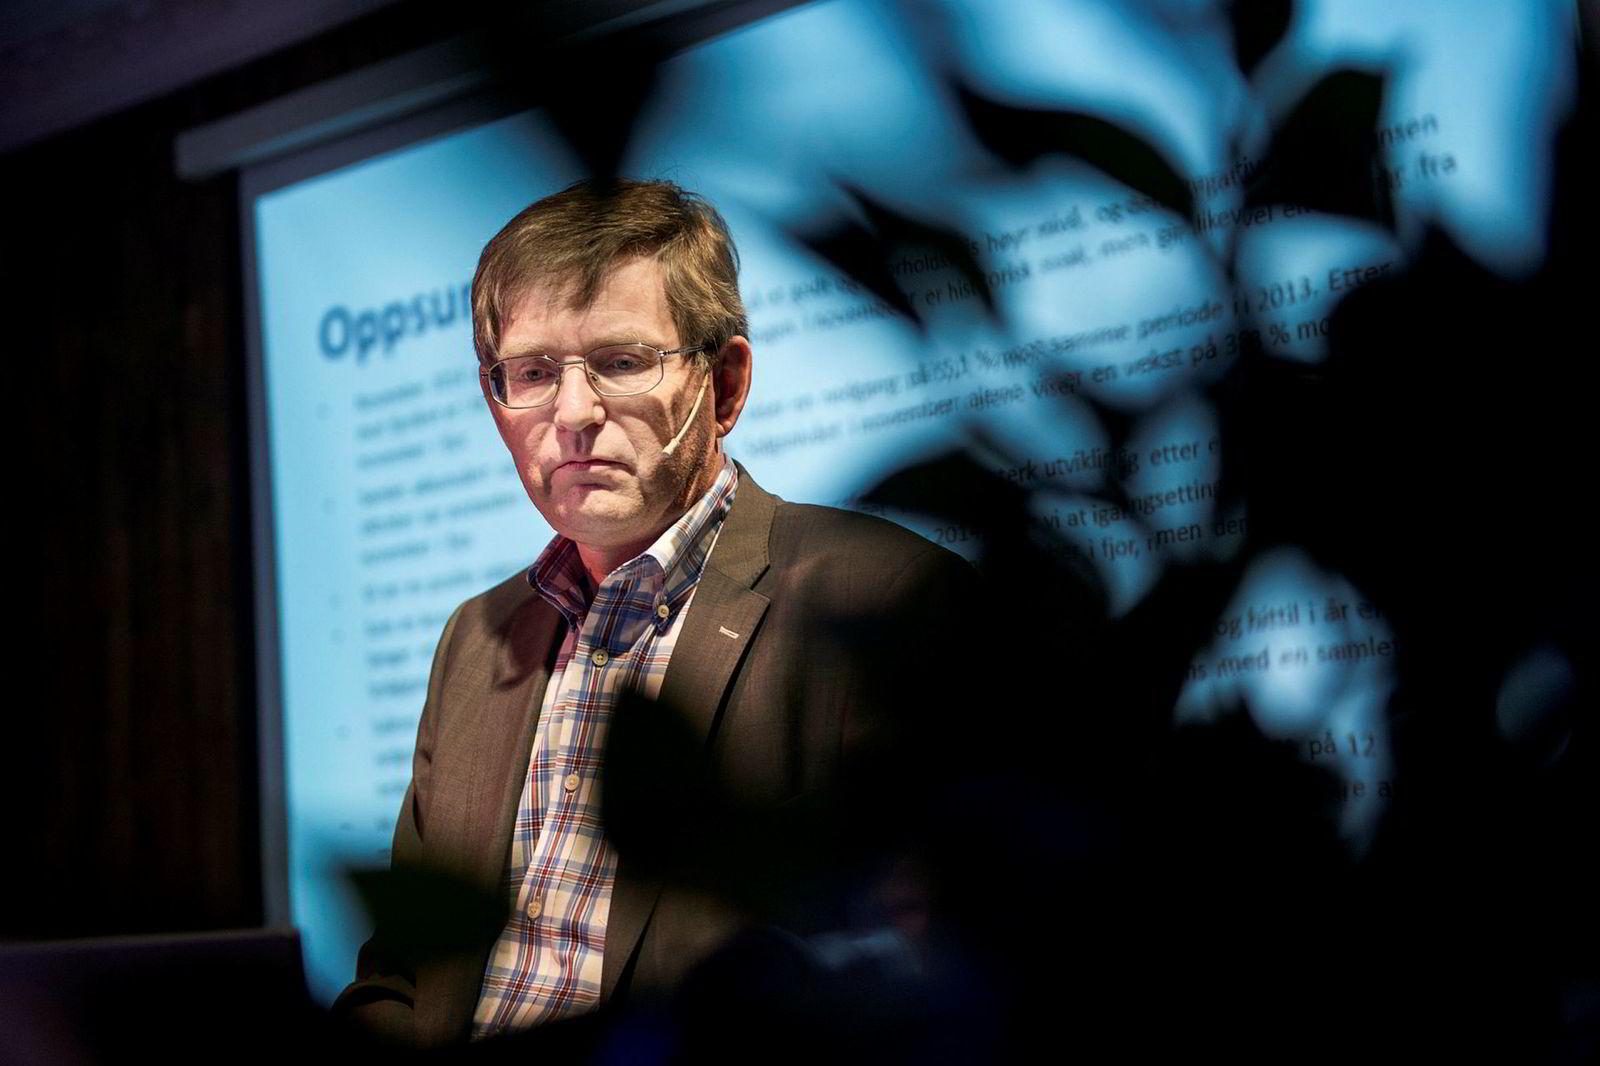 Administrerende direktør Per Jæger i Boligprodusentenes Forening poengterer at det i dag er for lite ledig areal til utbyggerne, og at det er viktig med planlegging fra myndighetenes side.